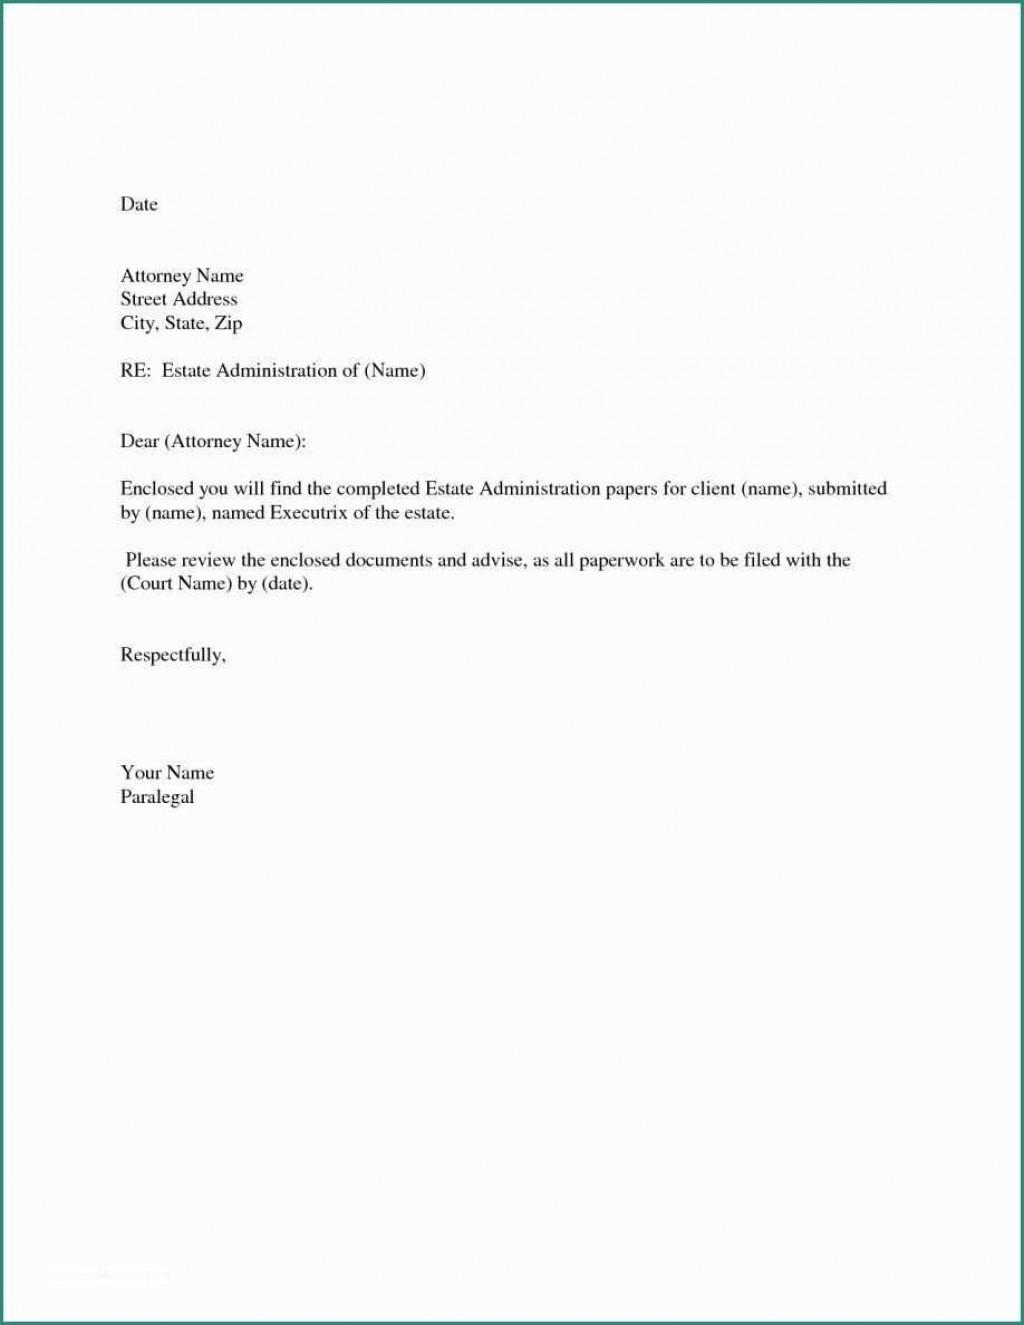 000 Wondrou Short Cover Letter Template High Def  Uk StoryLarge